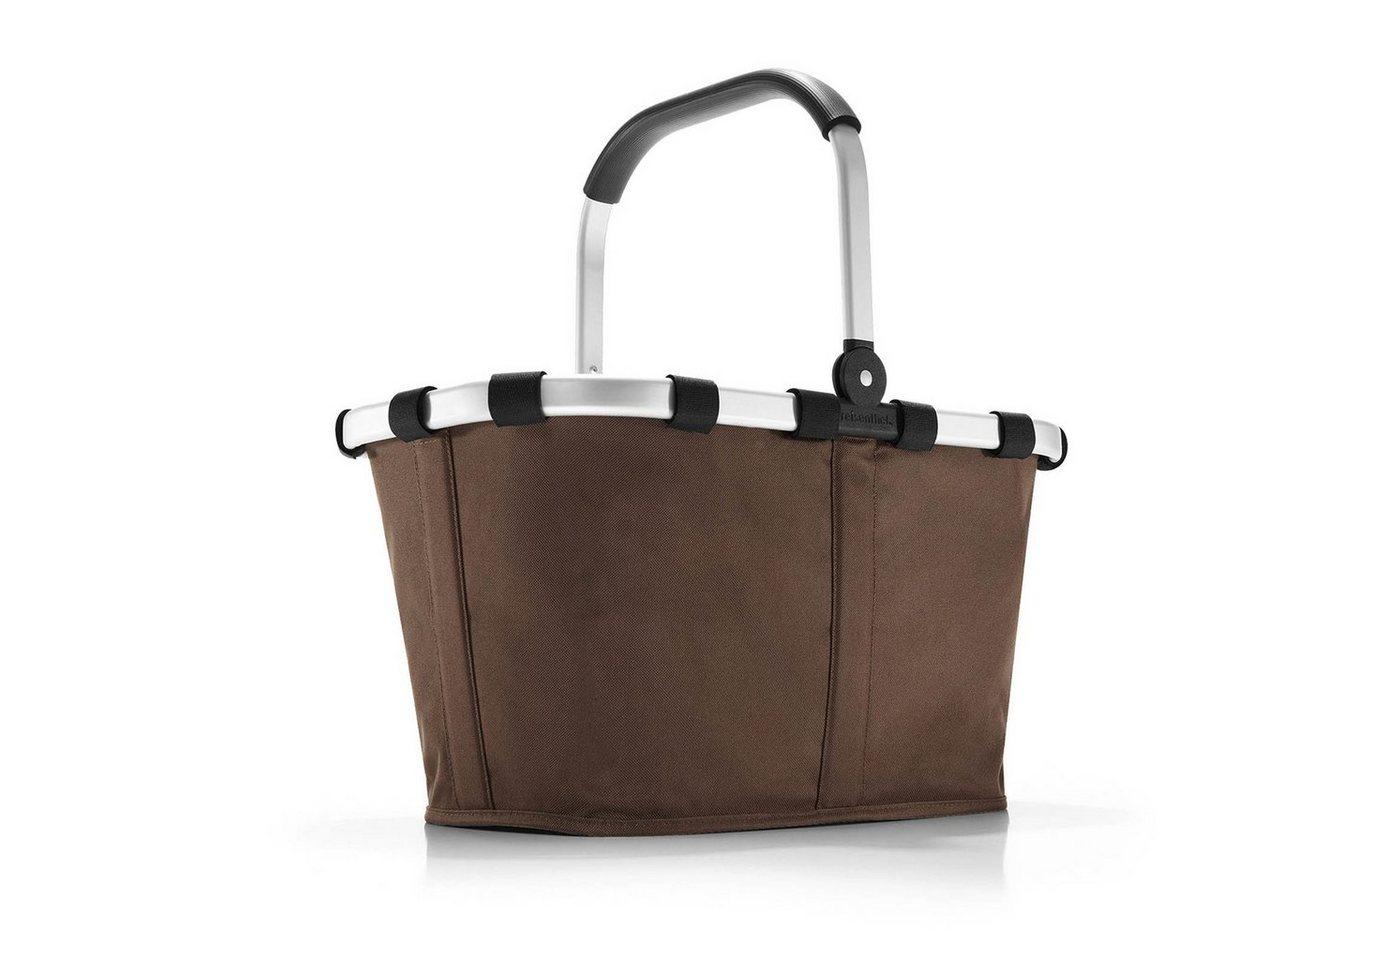 REISENTHEL® Einkaufskorb »carrybag« | Taschen > Handtaschen > Einkaufstasche | REISENTHEL®